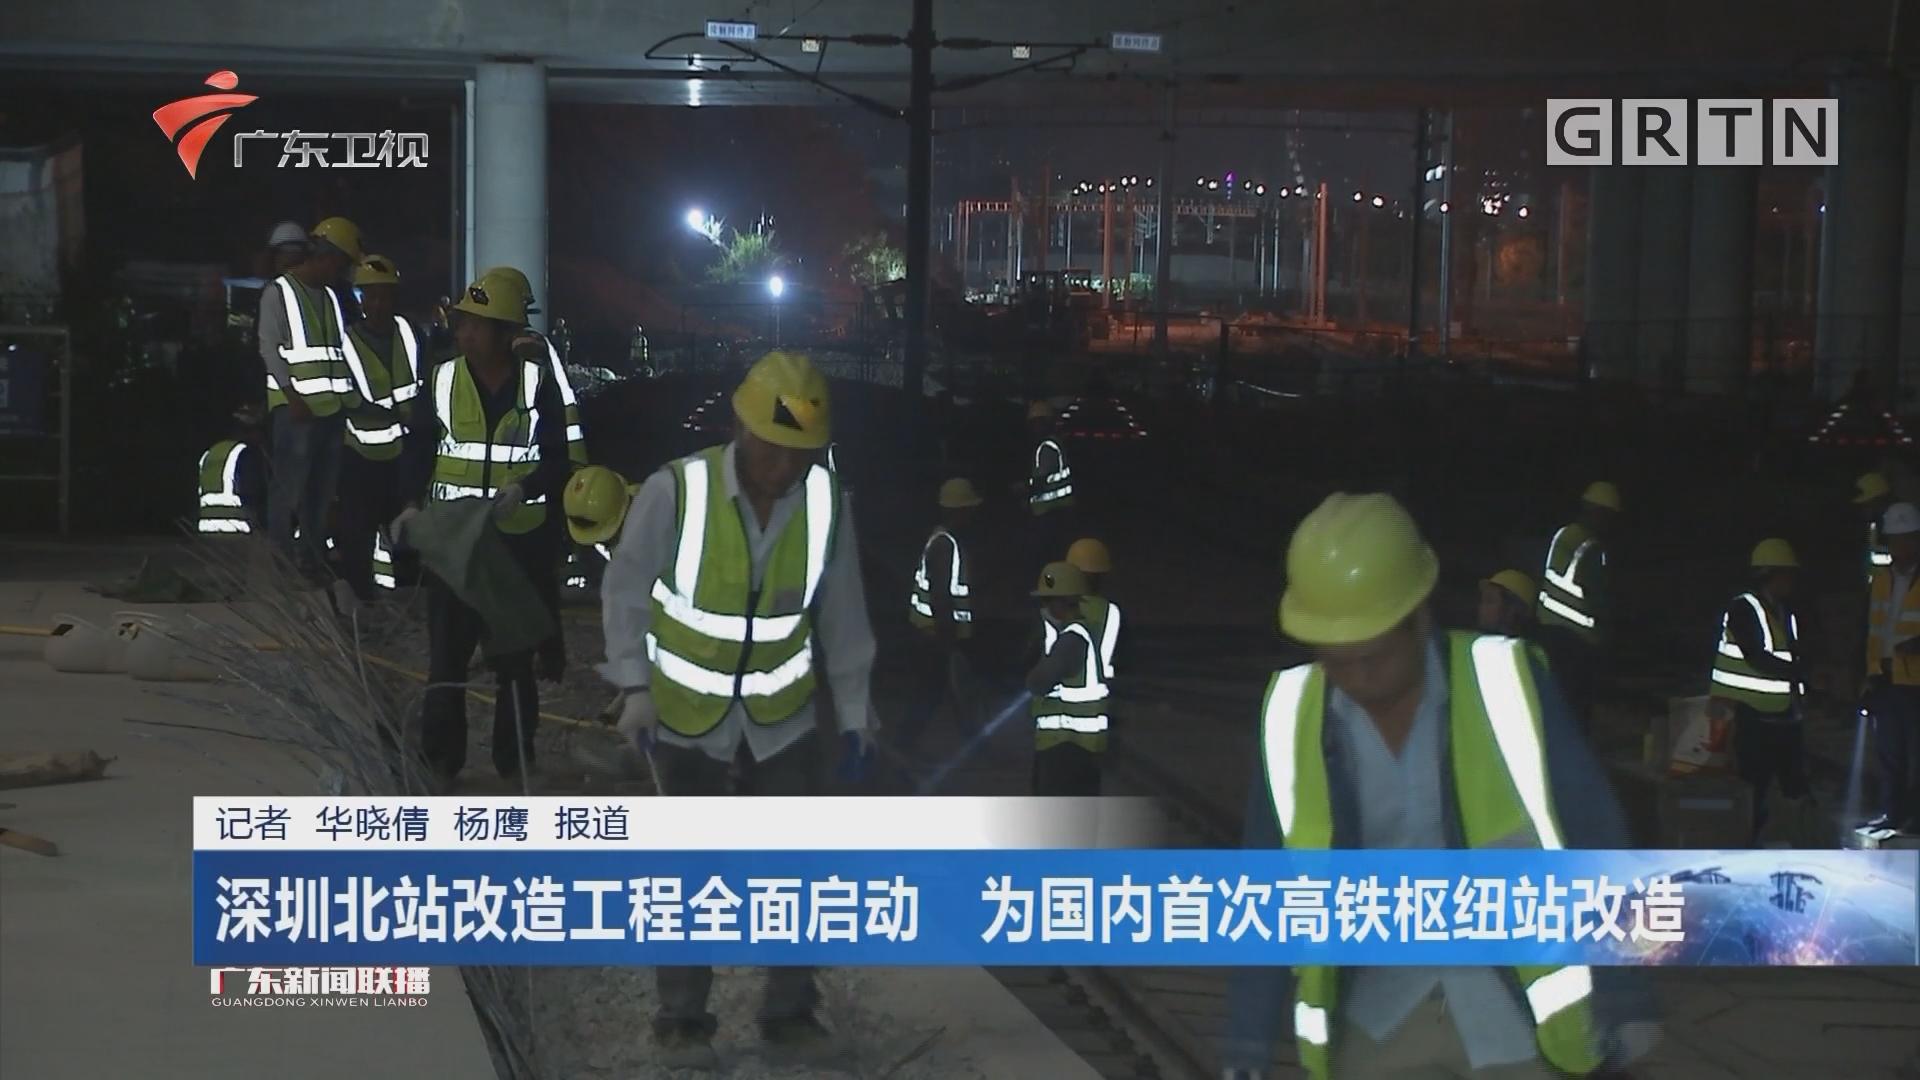 深圳北站改造工程全面启动 为国内首次高铁枢纽站改造